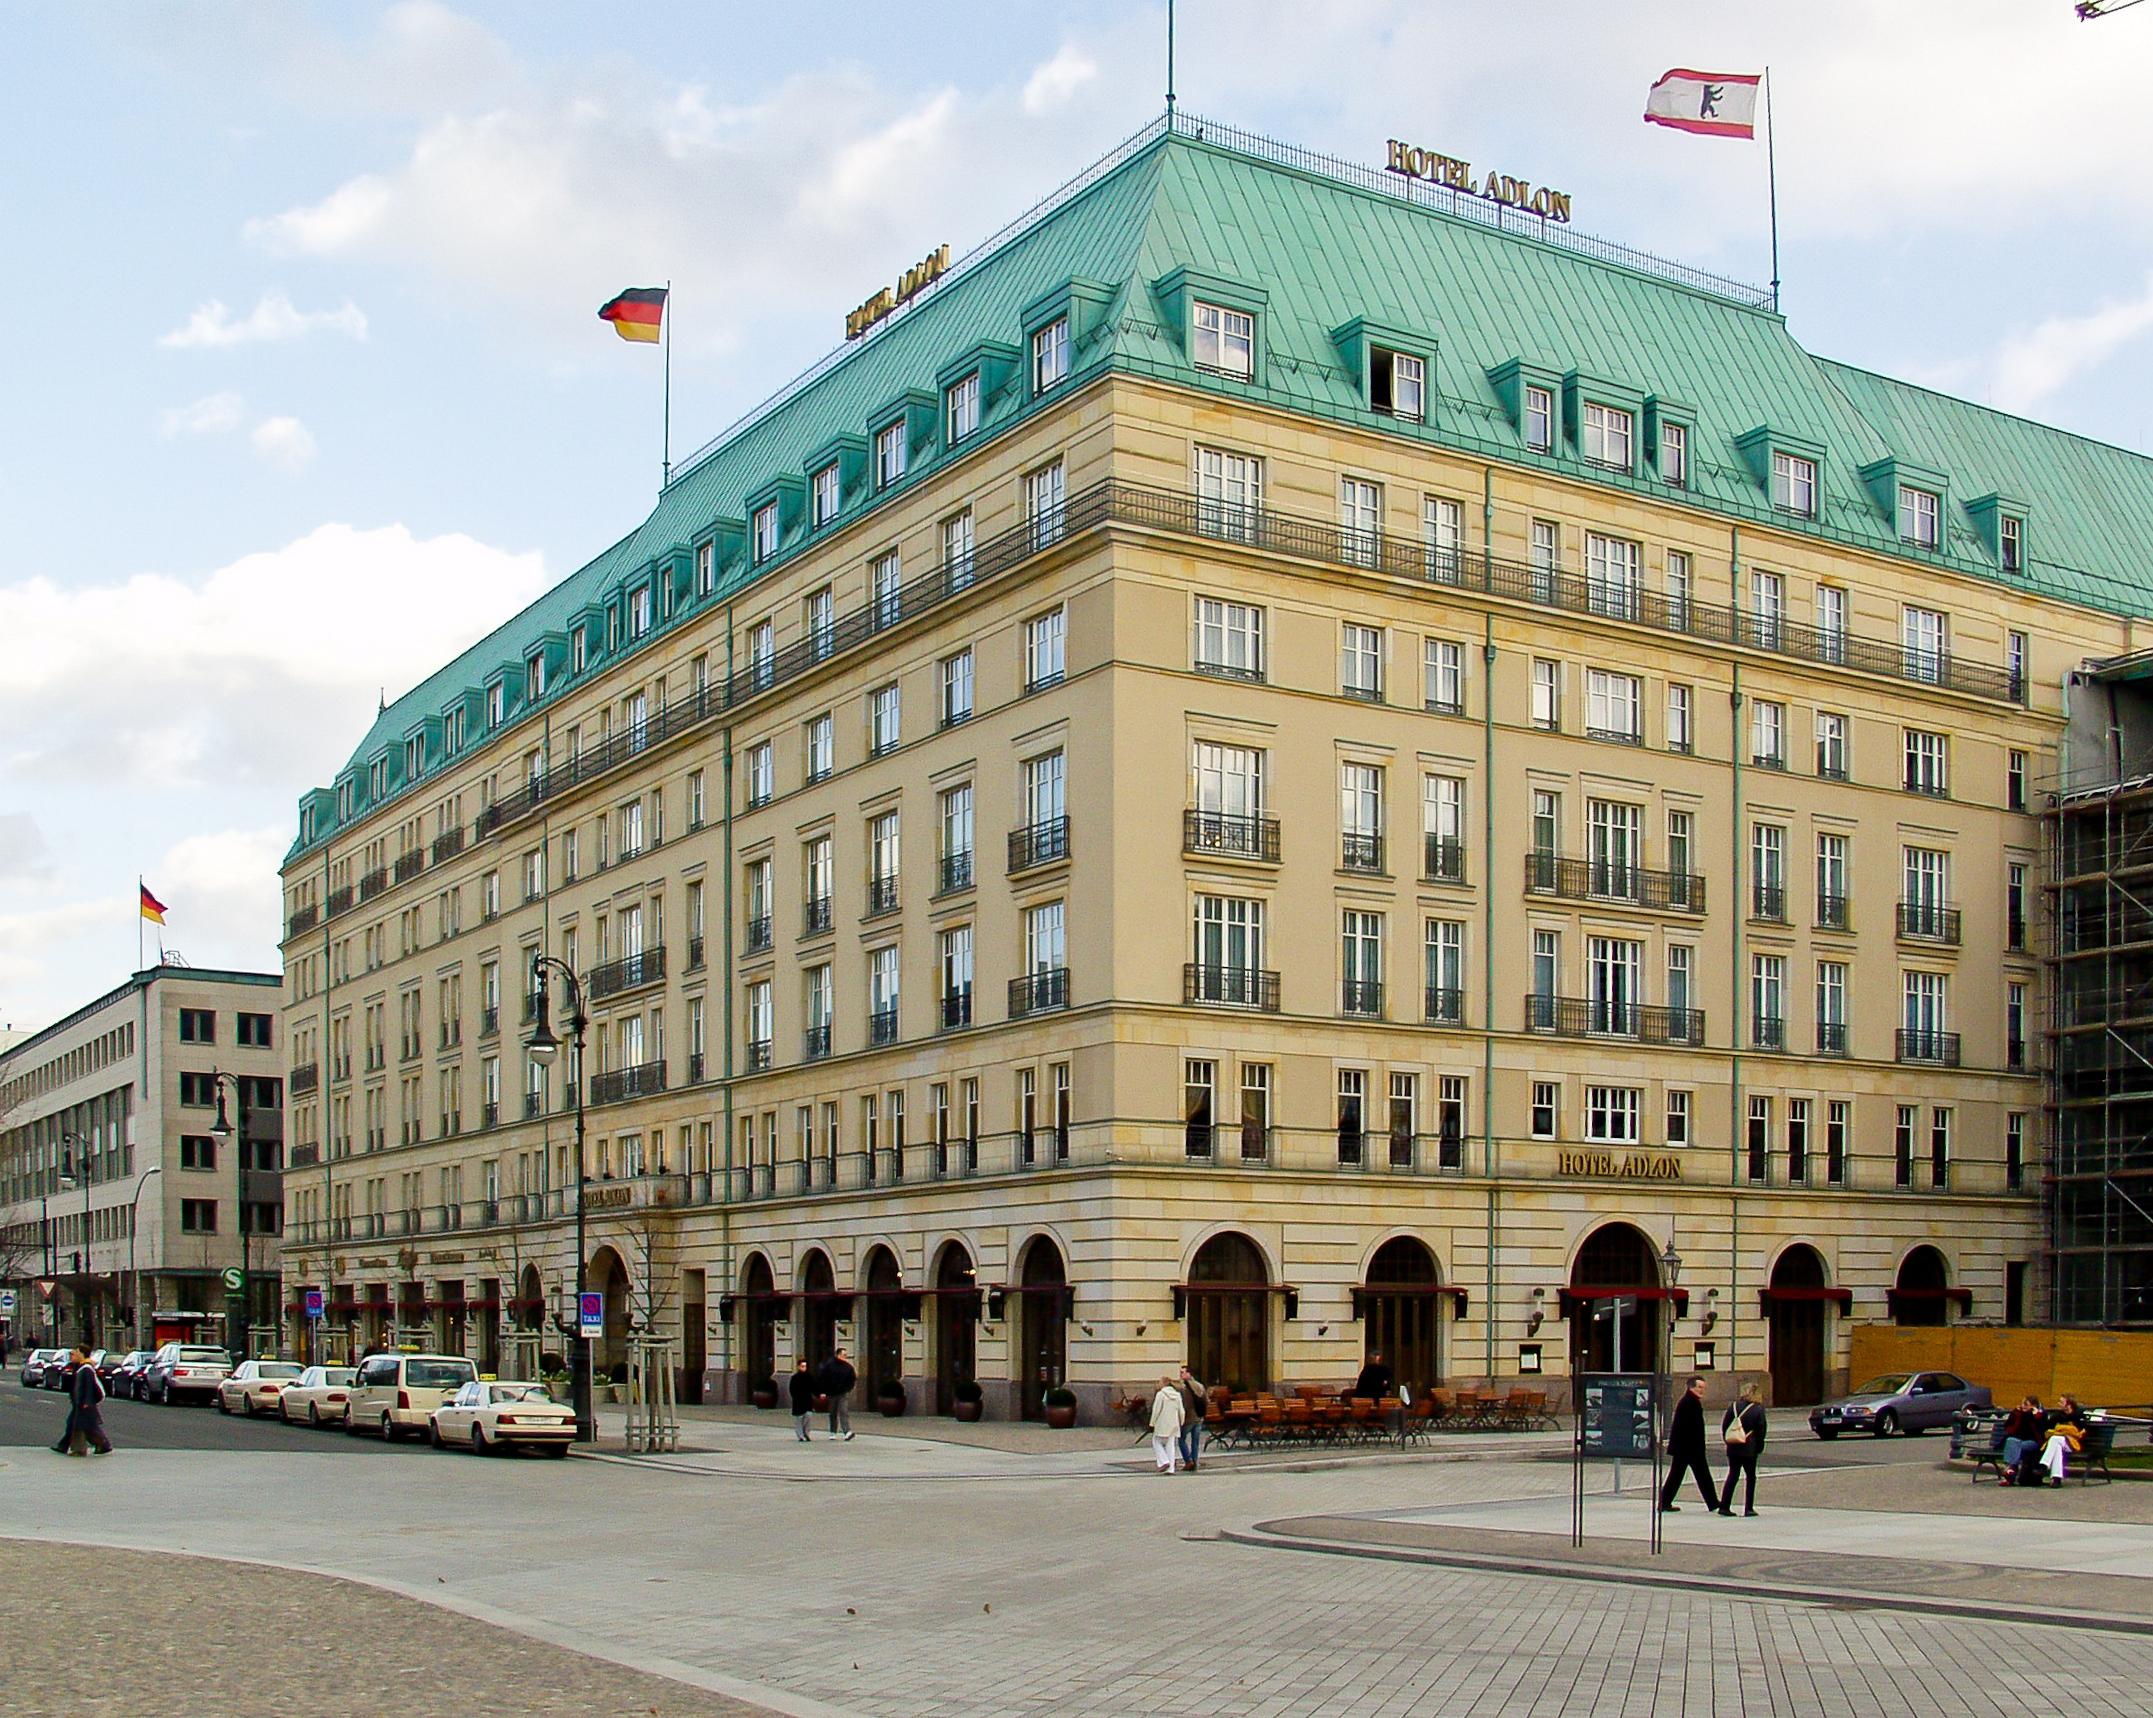 [心得] 阿德隆大酒店 Das Adlon (雷)